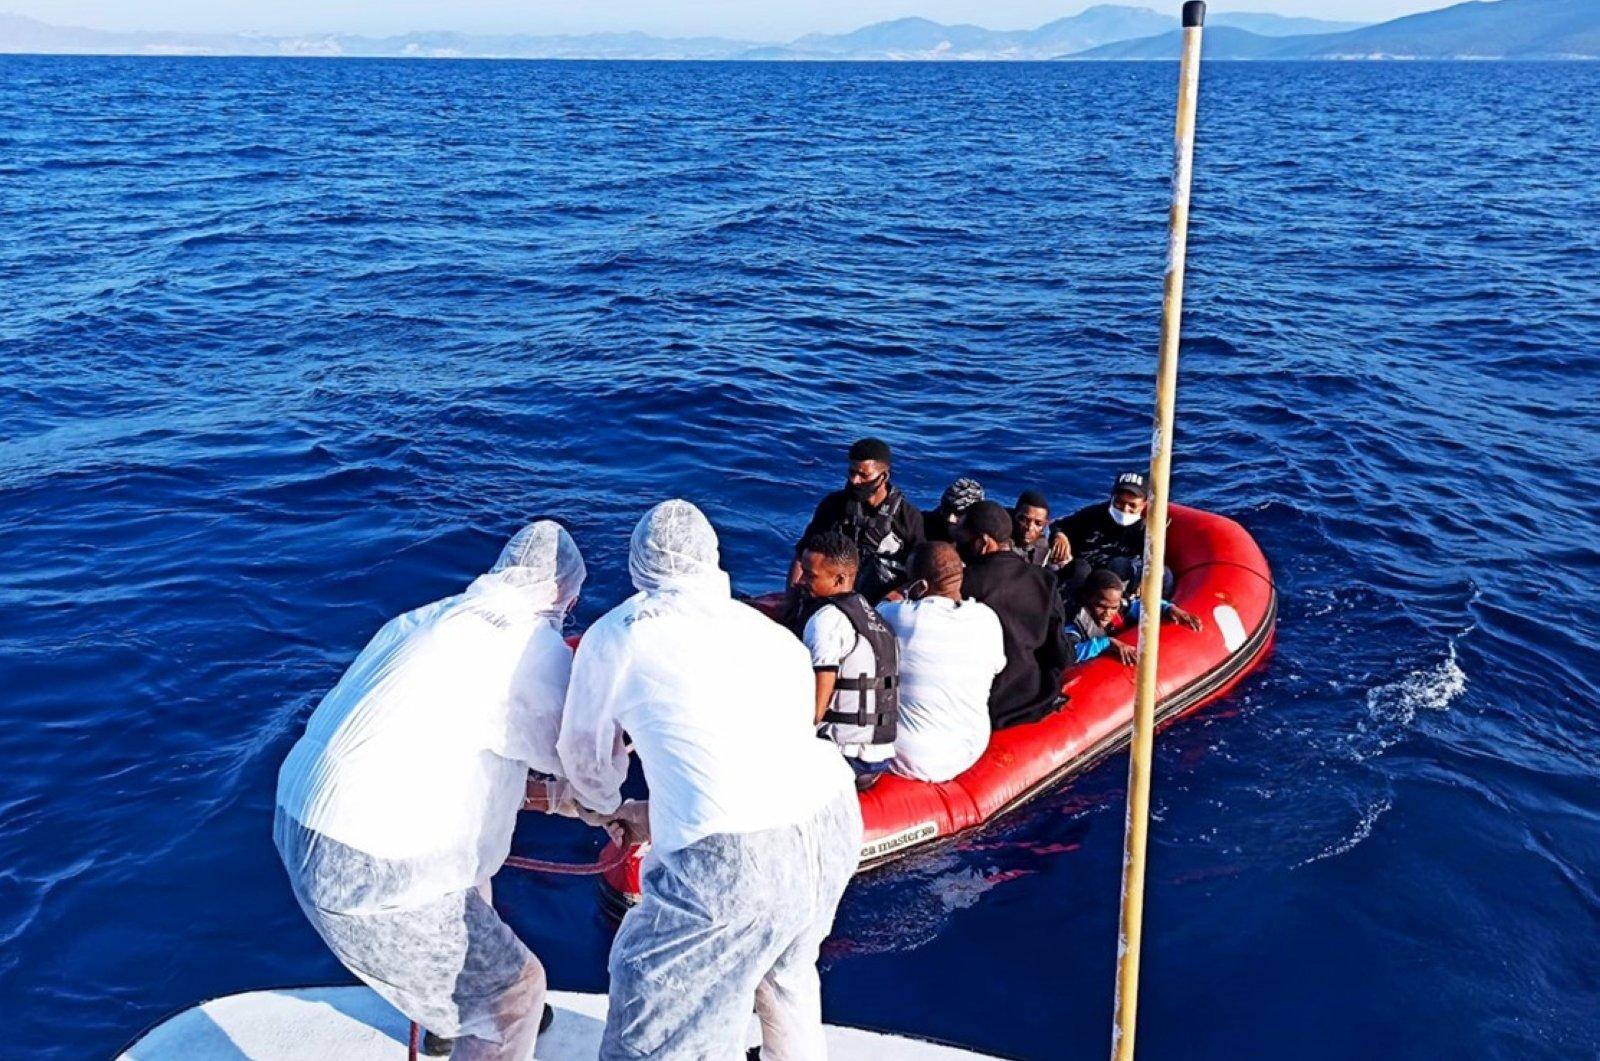 اليونان تعلن عن إصابة مجموعة من المهاجرين غير القانونيين بالفيروس التاجي